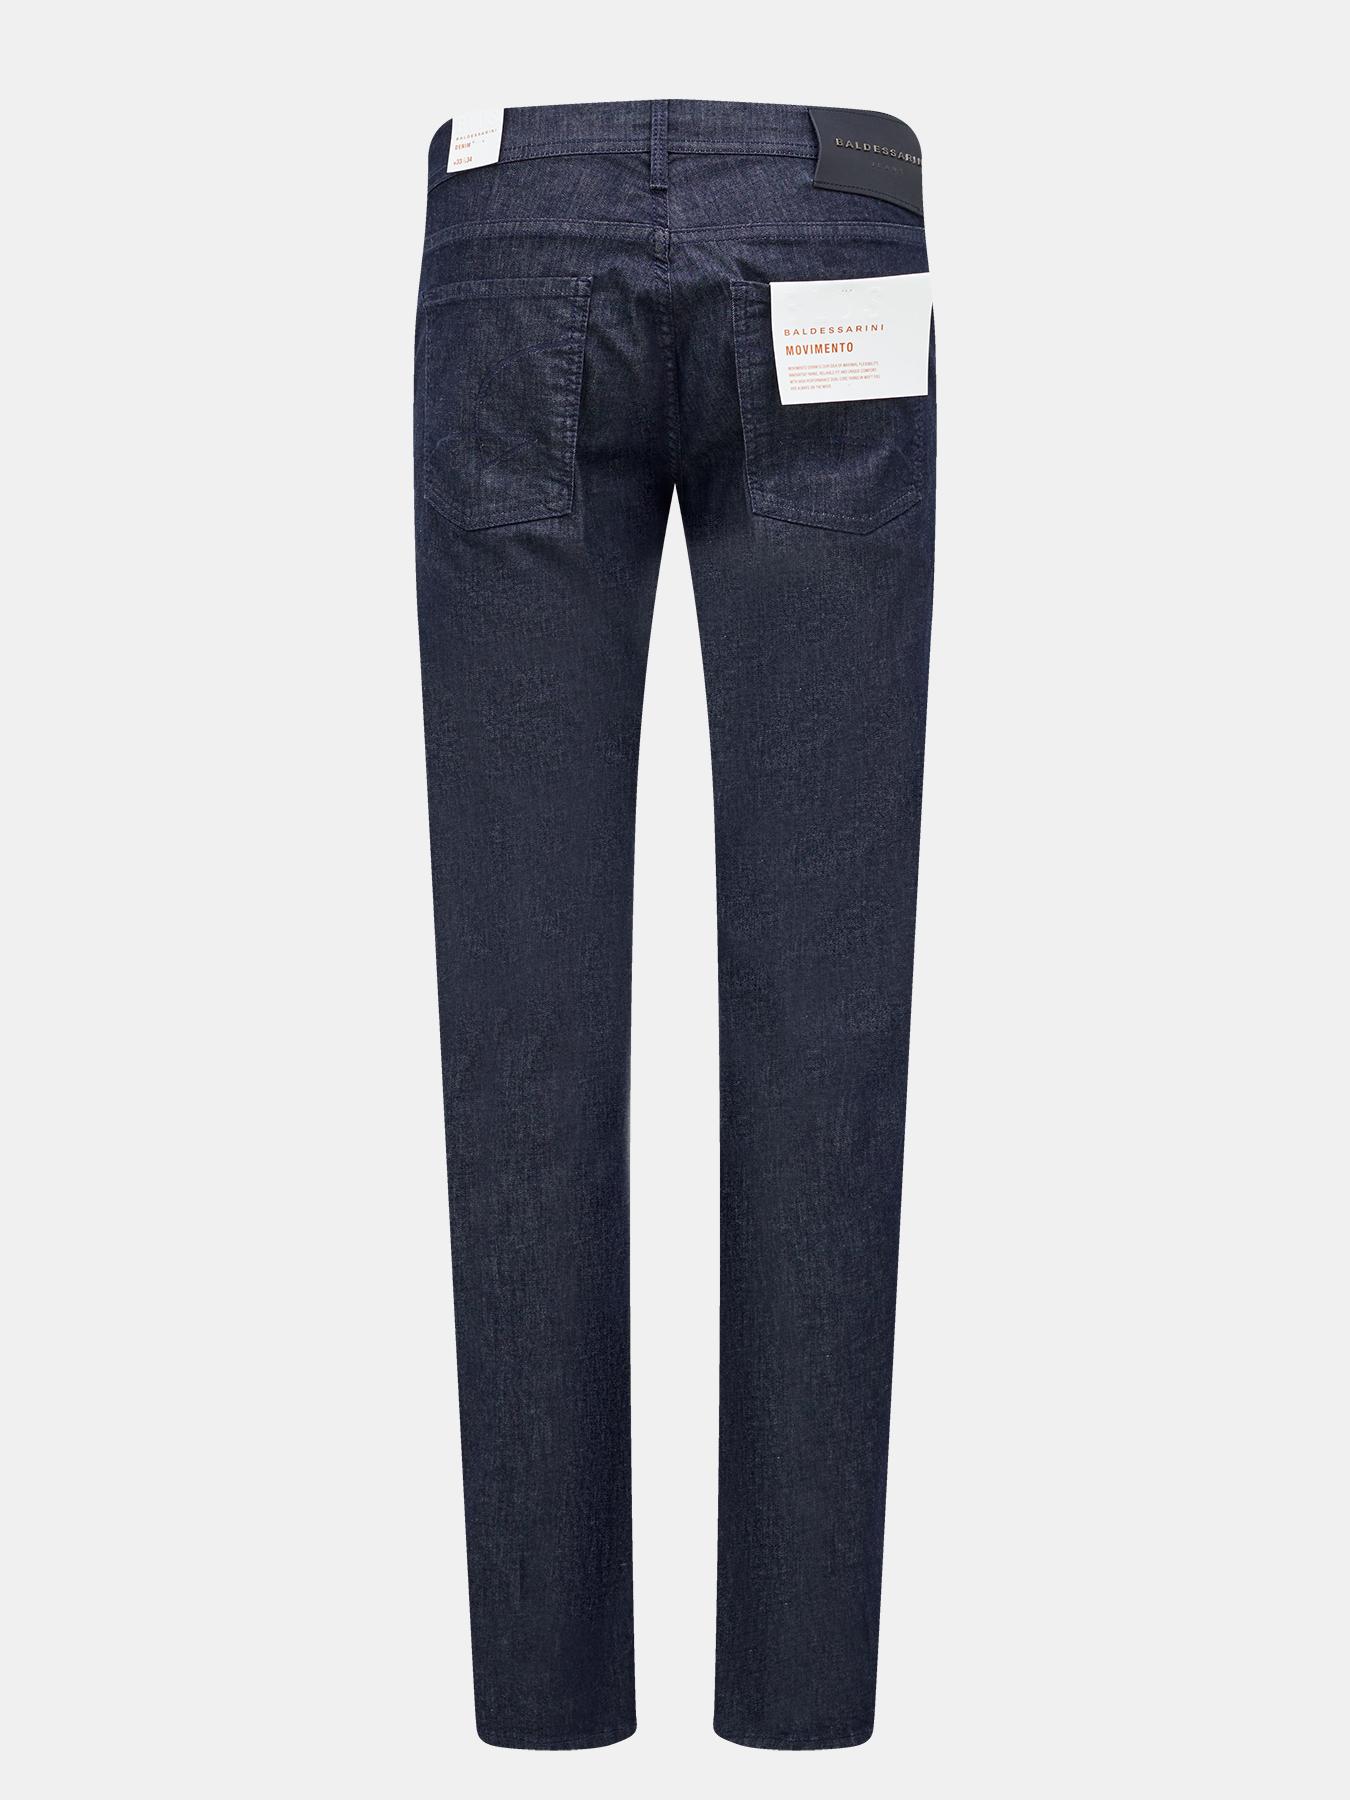 Брюки Baldessarini Джинсы джинсы wrangler джинсы arizona